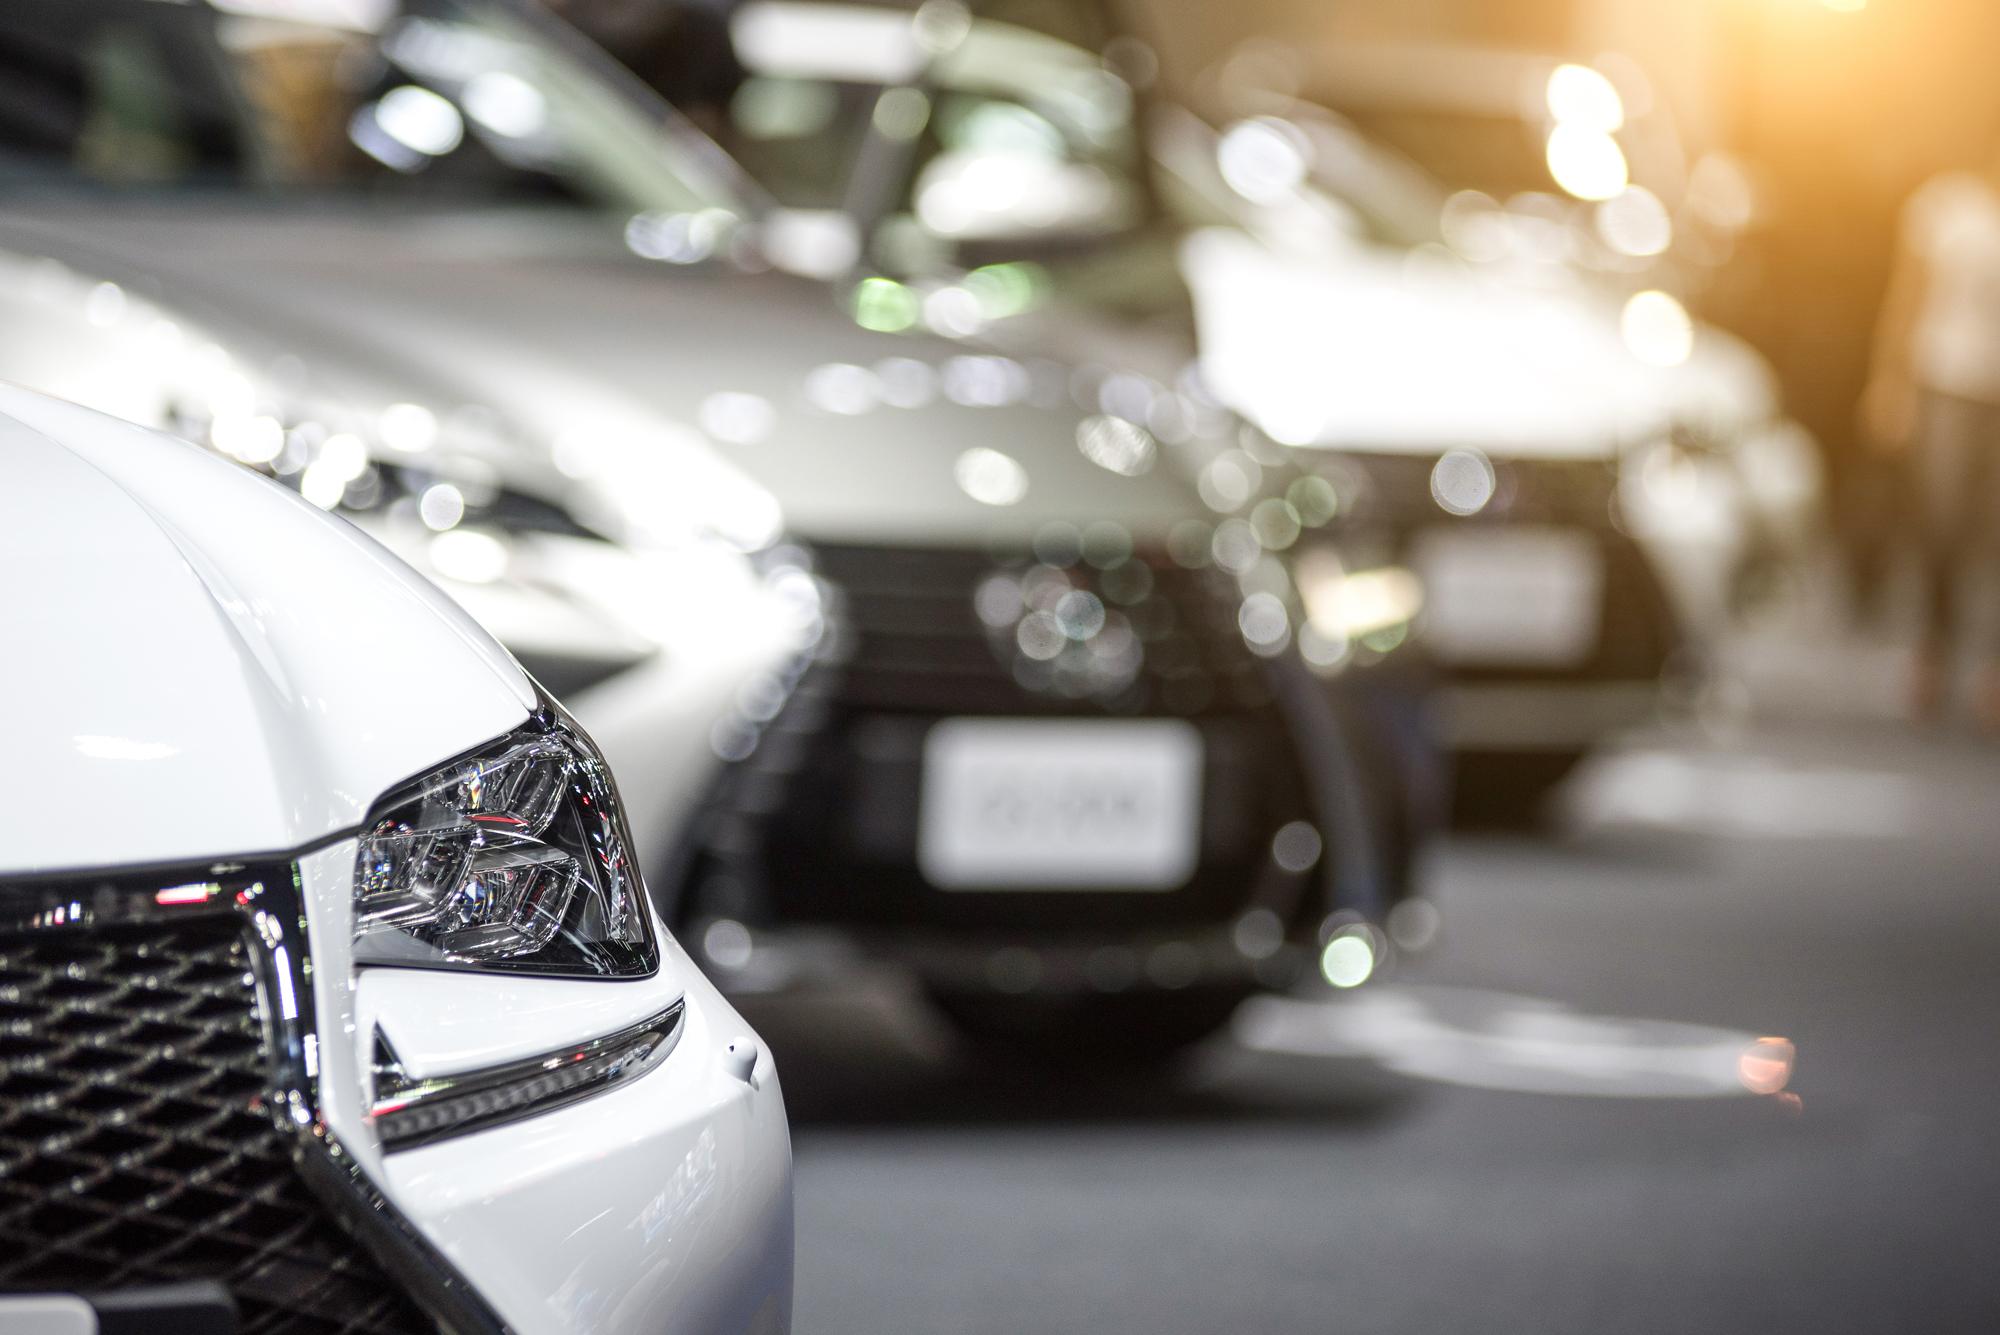 活発化しつつある自動車業界のIT系求人